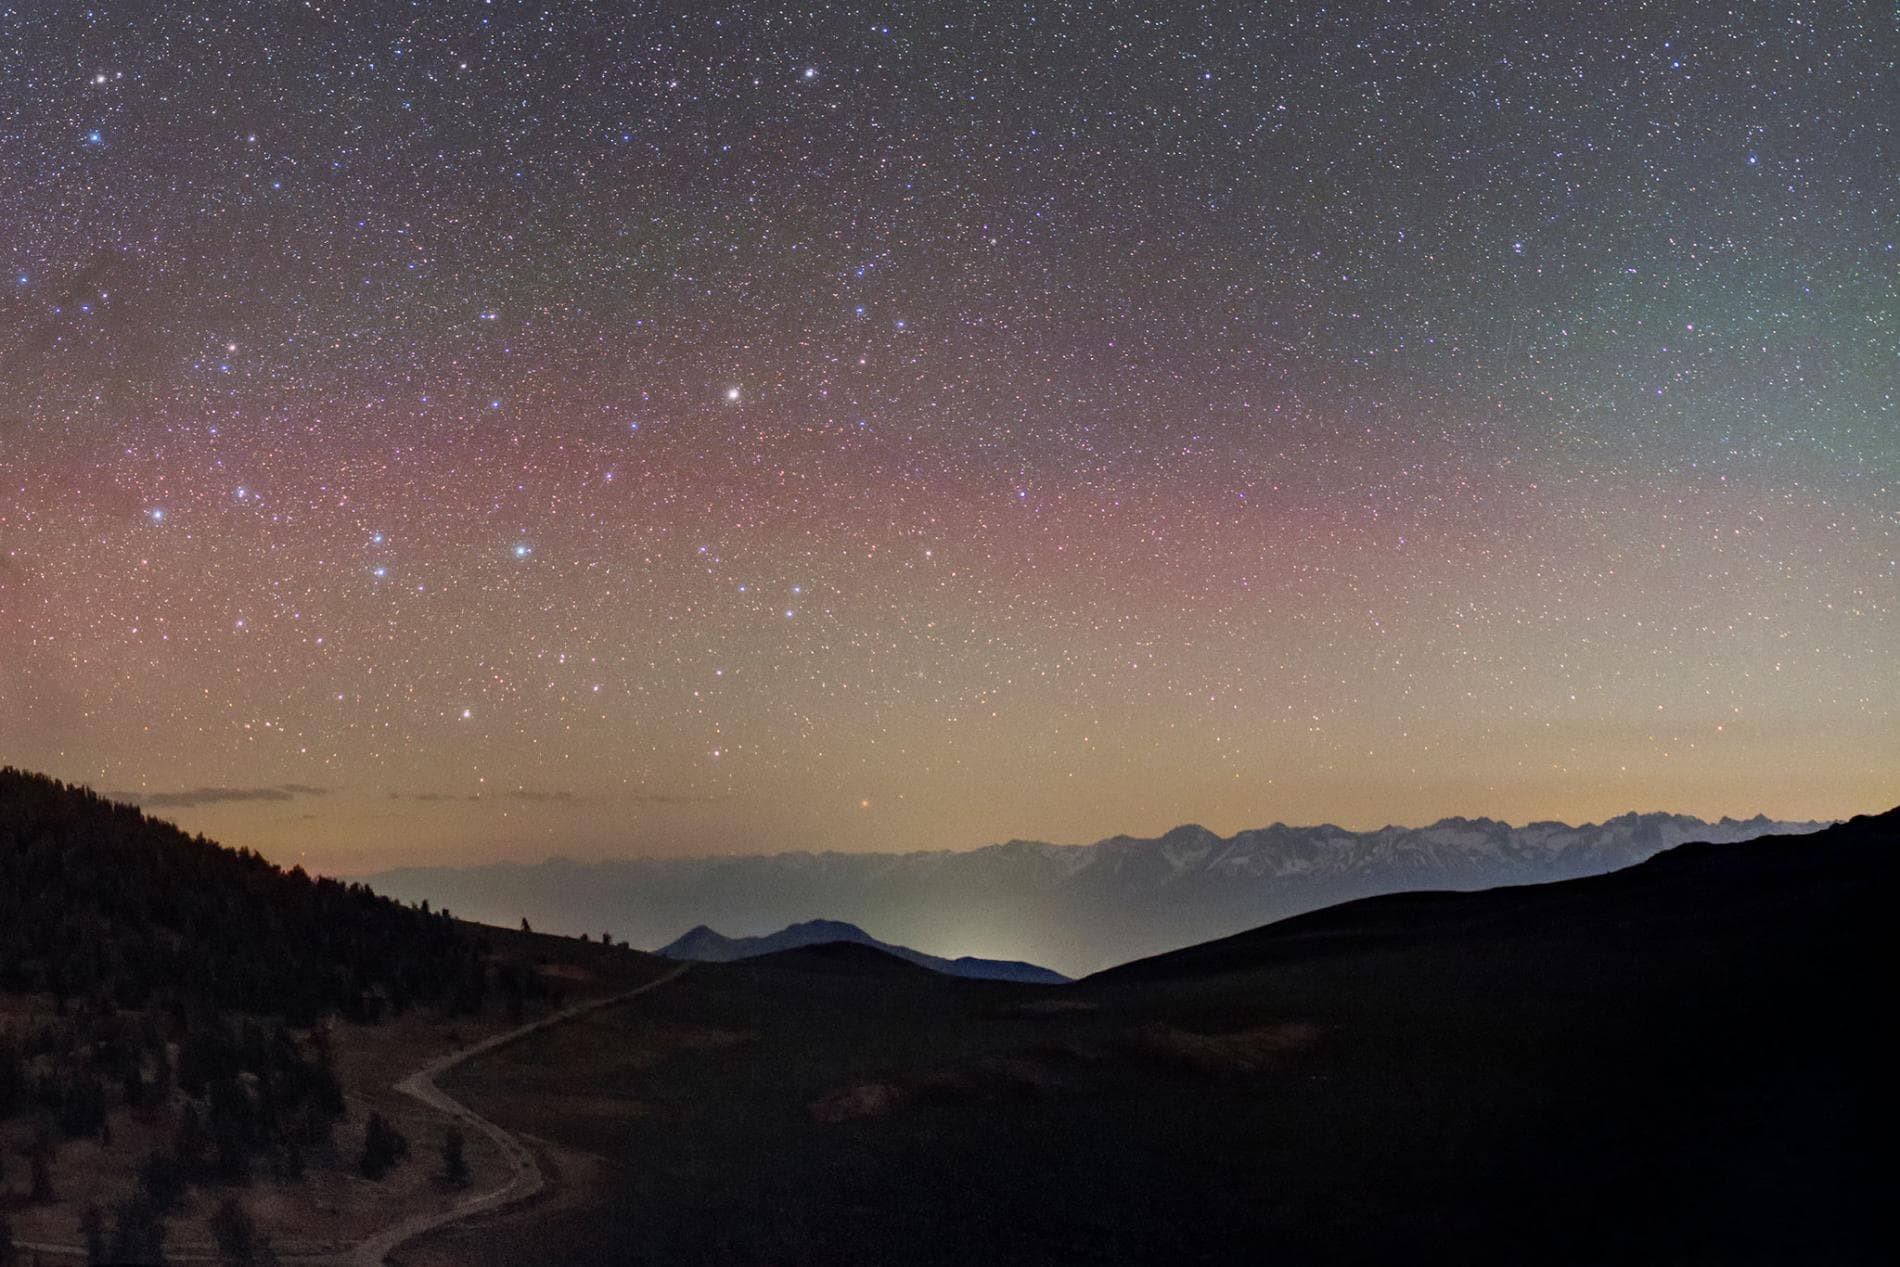 'Vươn tới những vì sao' và loạt ảnh trời đêm đầy mê hoặc Ảnh 7